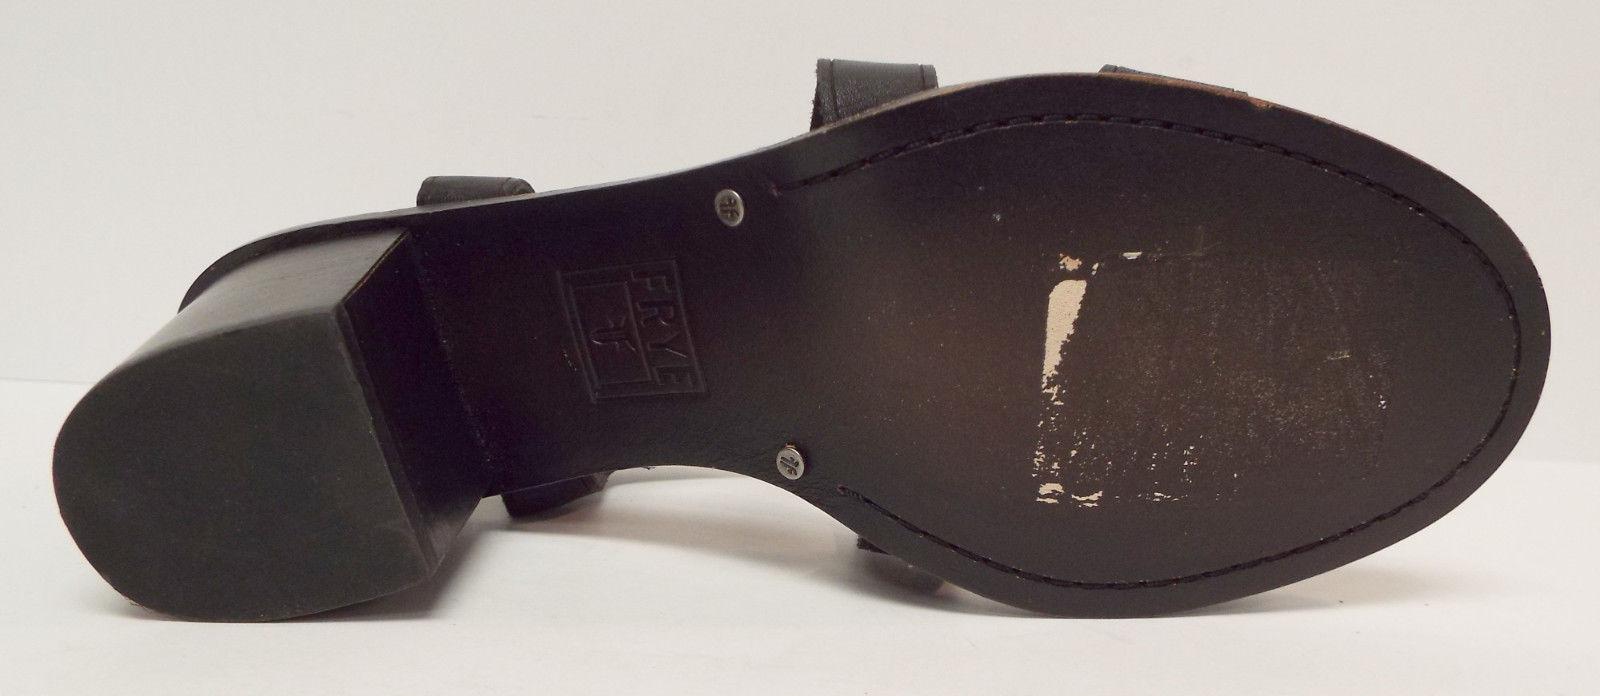 New FRYE Company Size 8.5 BRIELLE Black Cris Cross Sandals Shoes 3472149